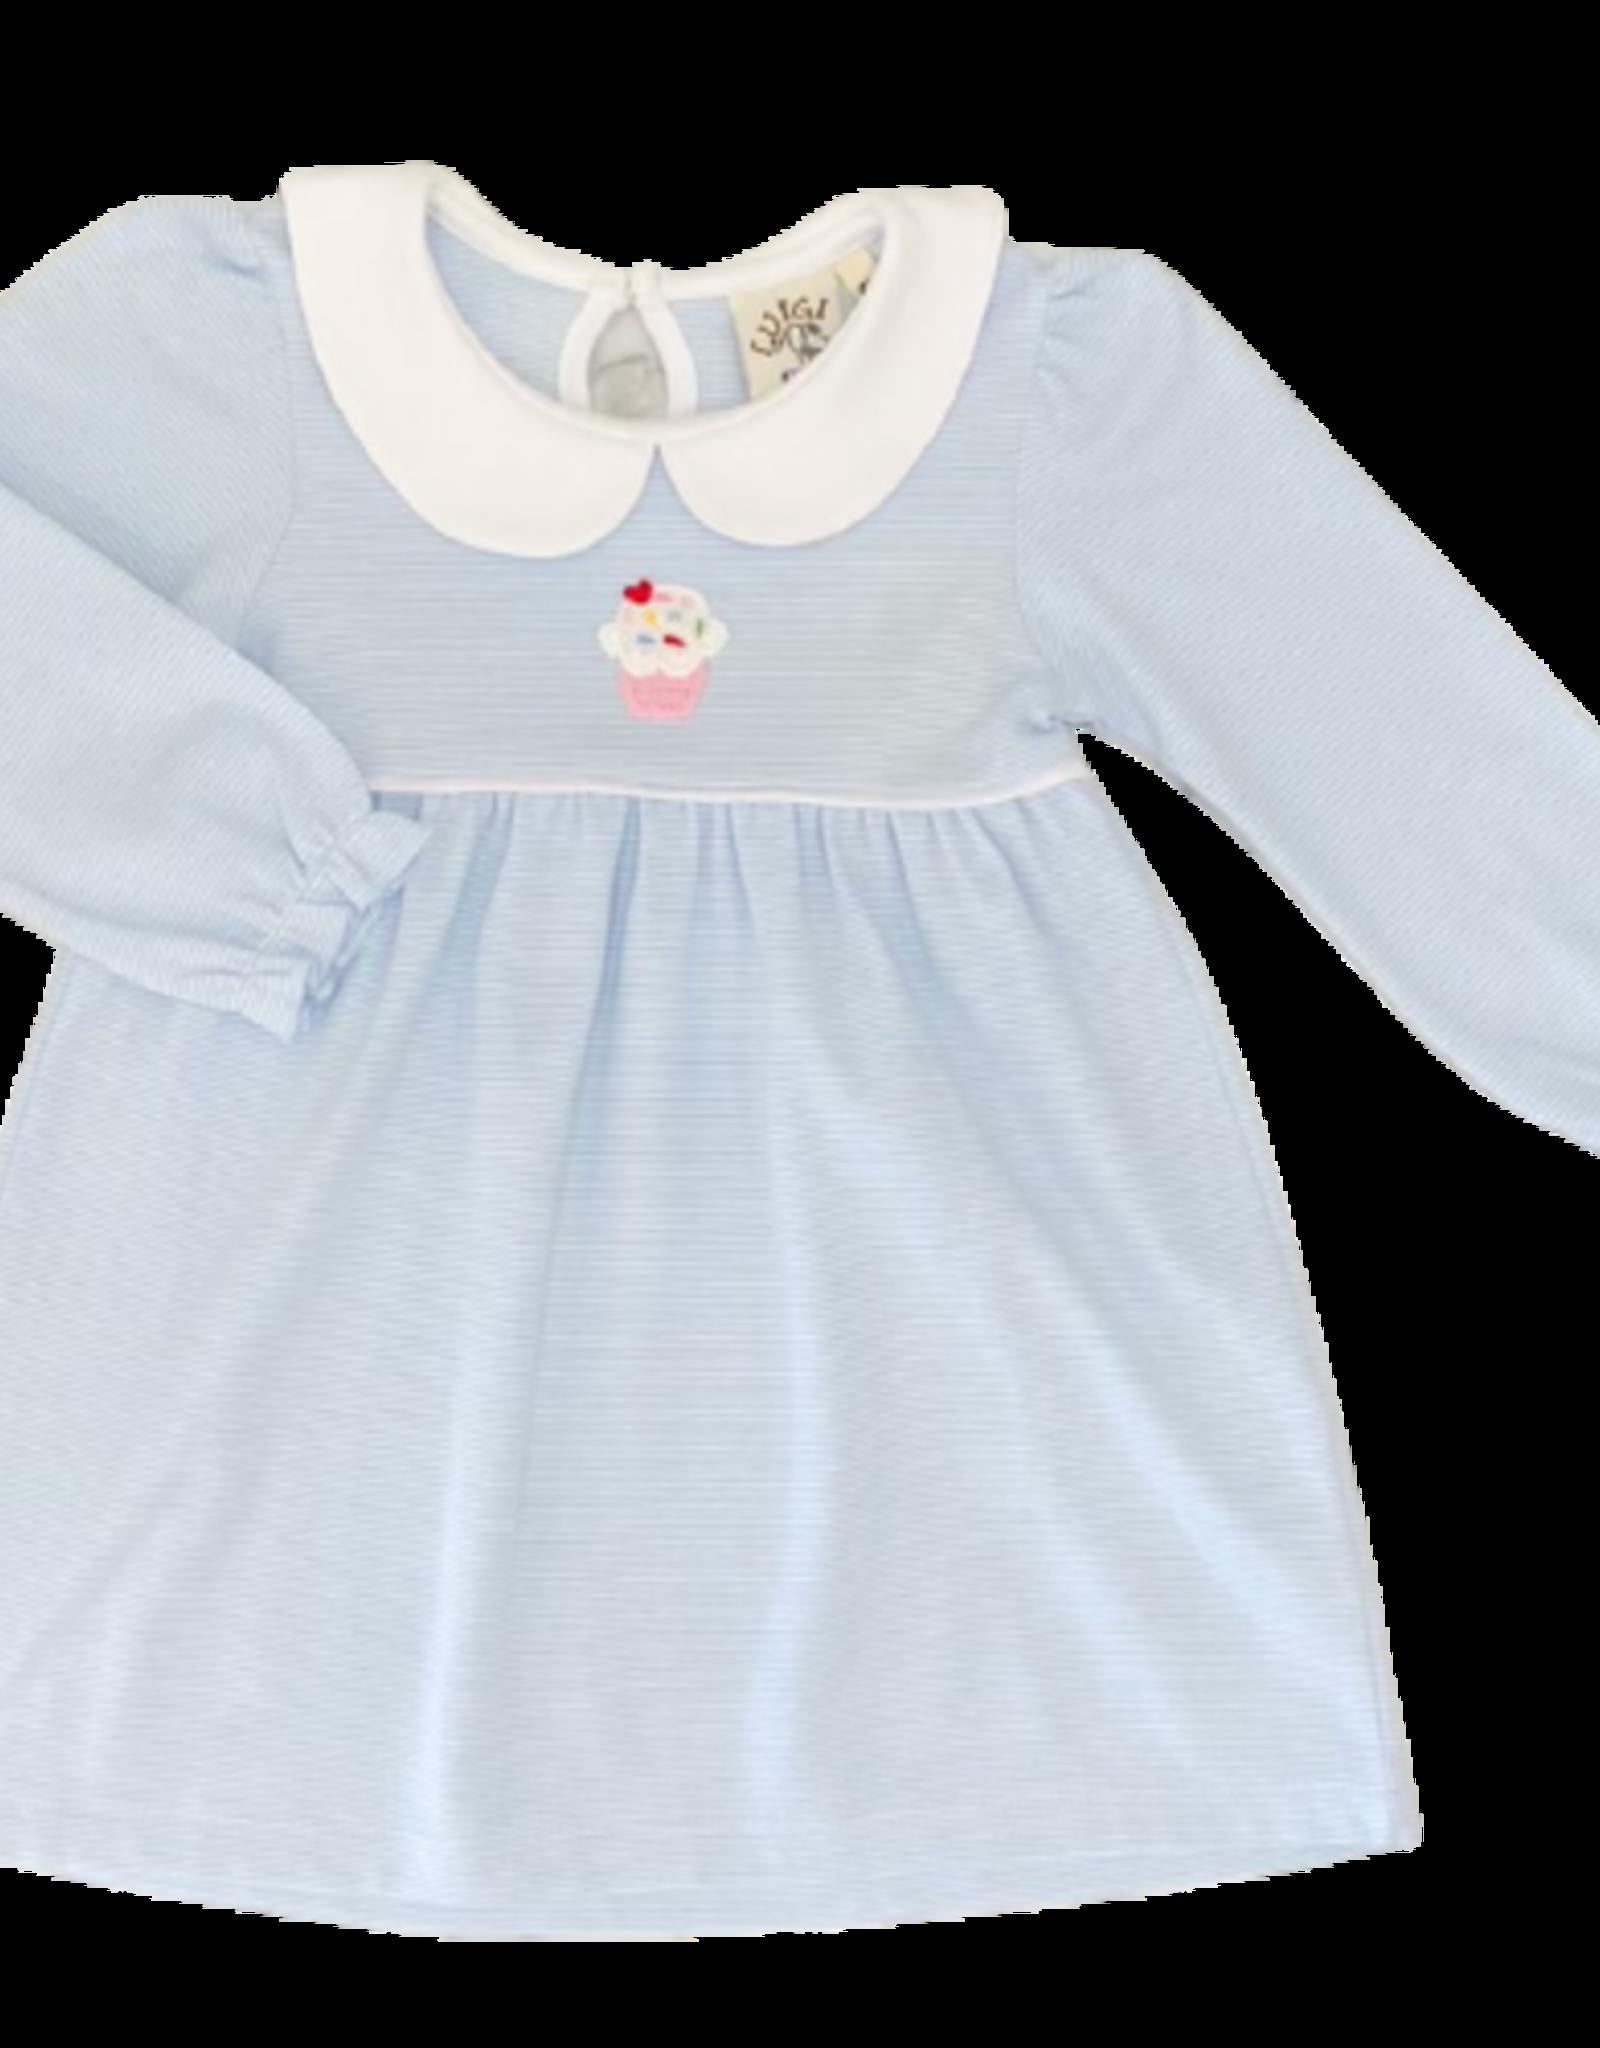 Luigi Long Sleeve Striped Dress Light Blue/White Crochet Cupcake